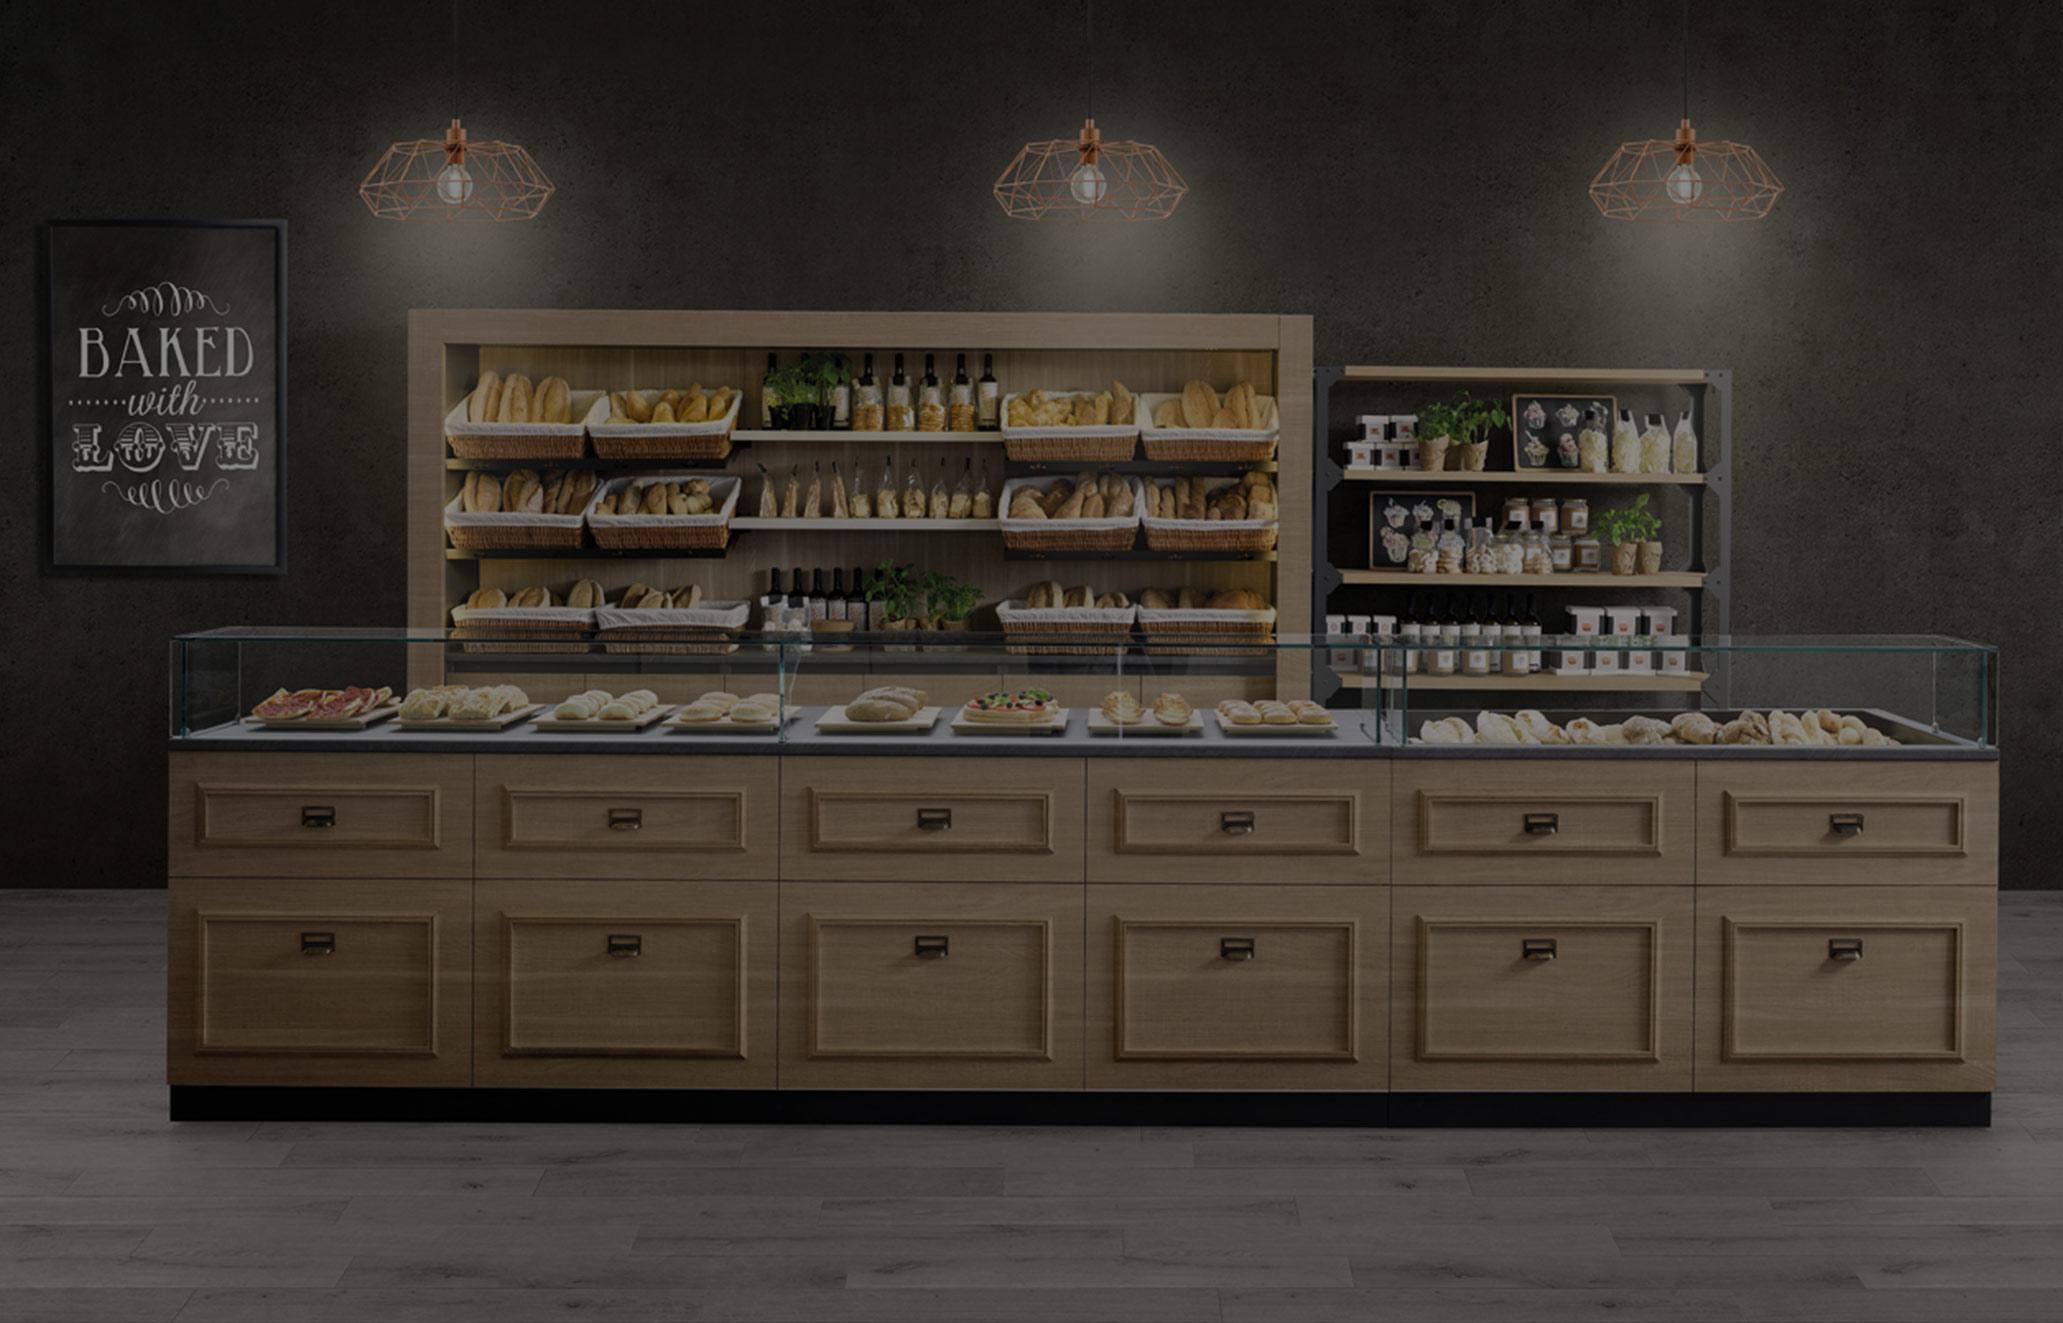 I banconi bakerycafe banconi per bar e locali commerciali for Banchi bar e arredamenti completi